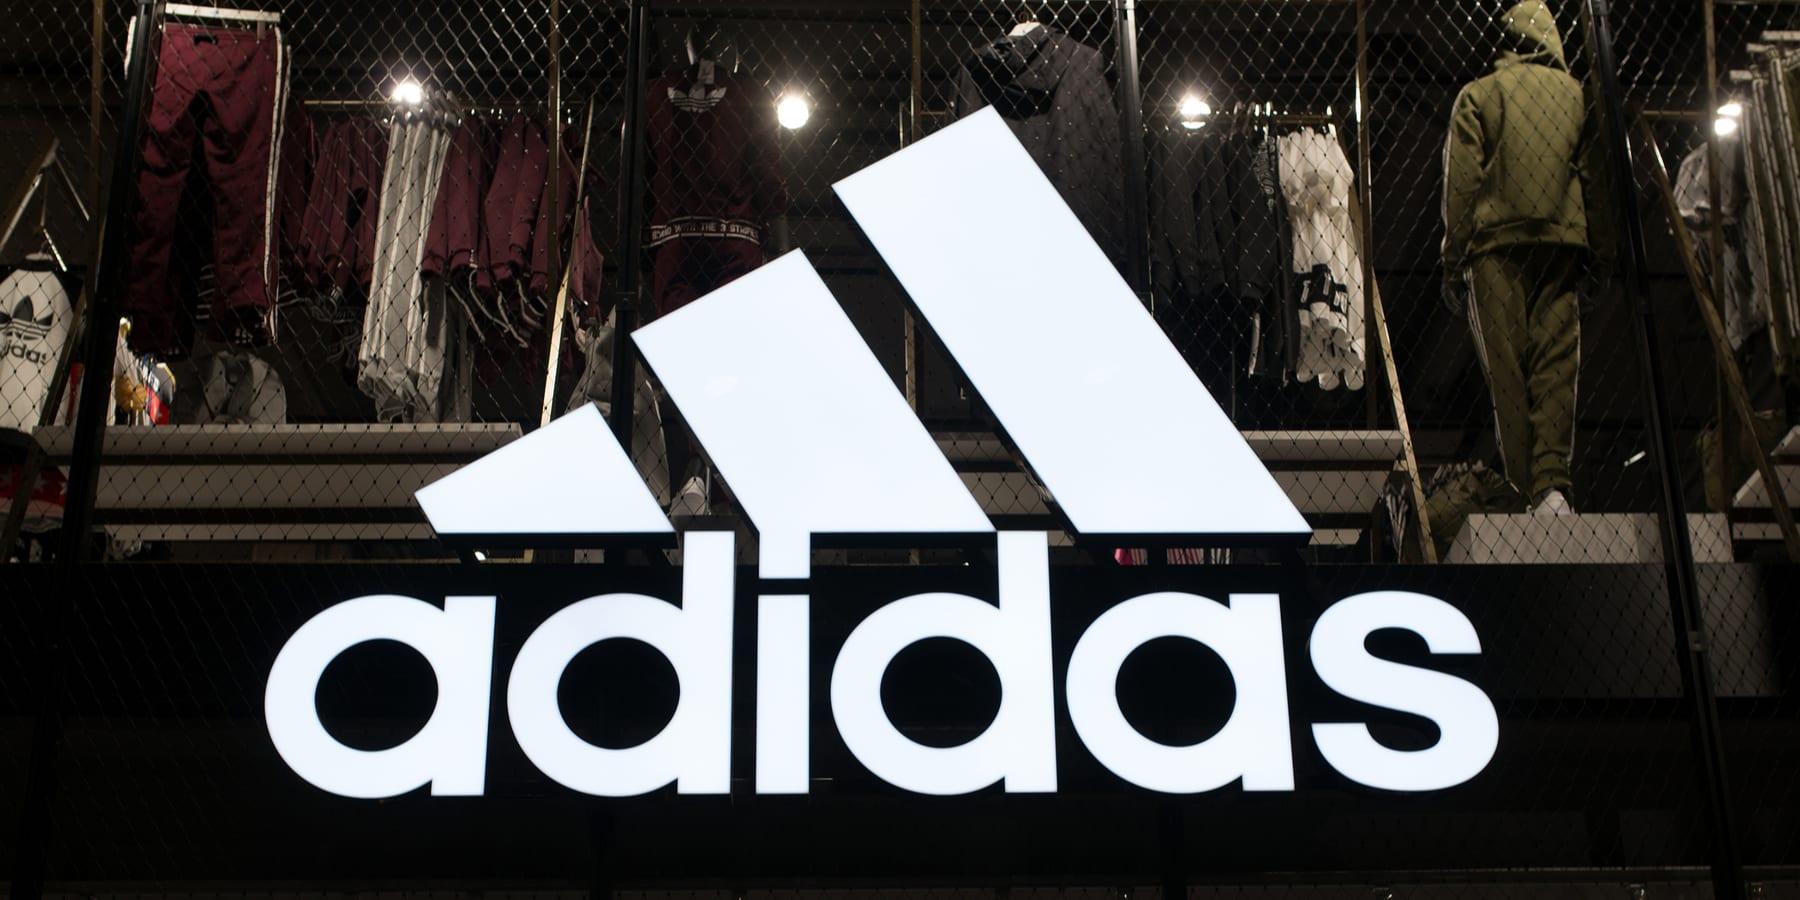 Adidas Aktie Marke ist Plattform - Unternehmenslogo groß an einem Shop